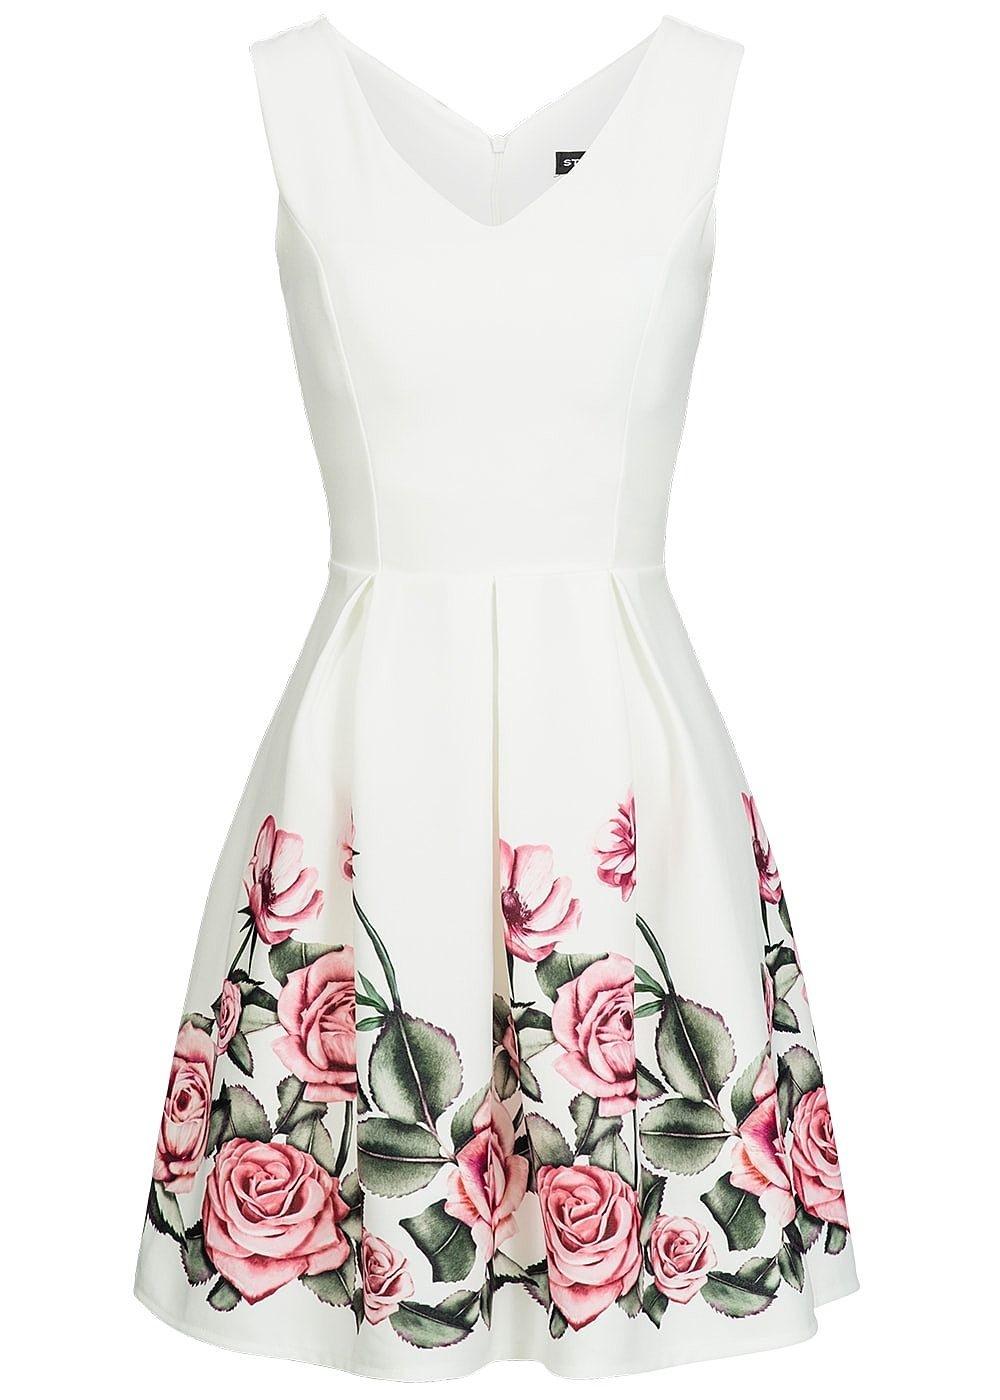 Schön Kleid Blumen DesignFormal Luxurius Kleid Blumen Boutique